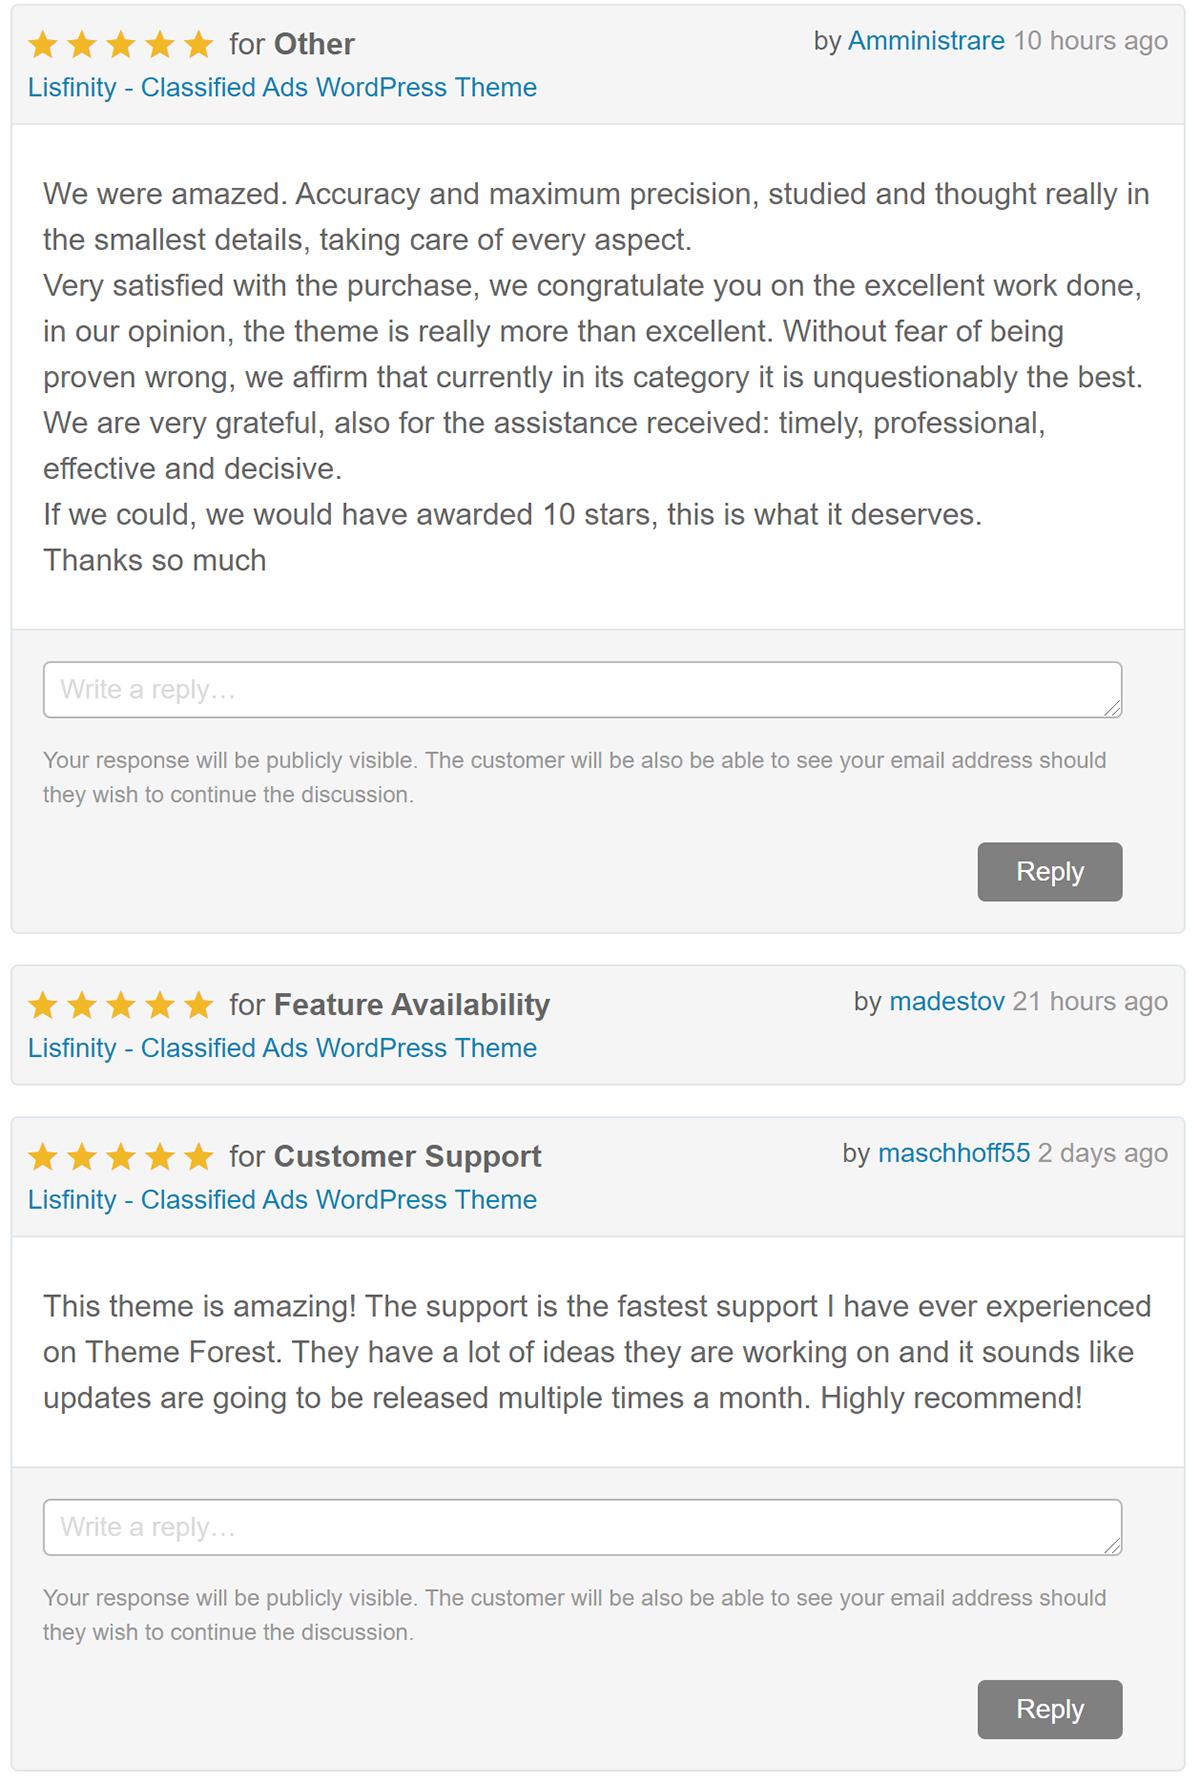 Lisfinity - Classified Ads WordPress Theme - 3